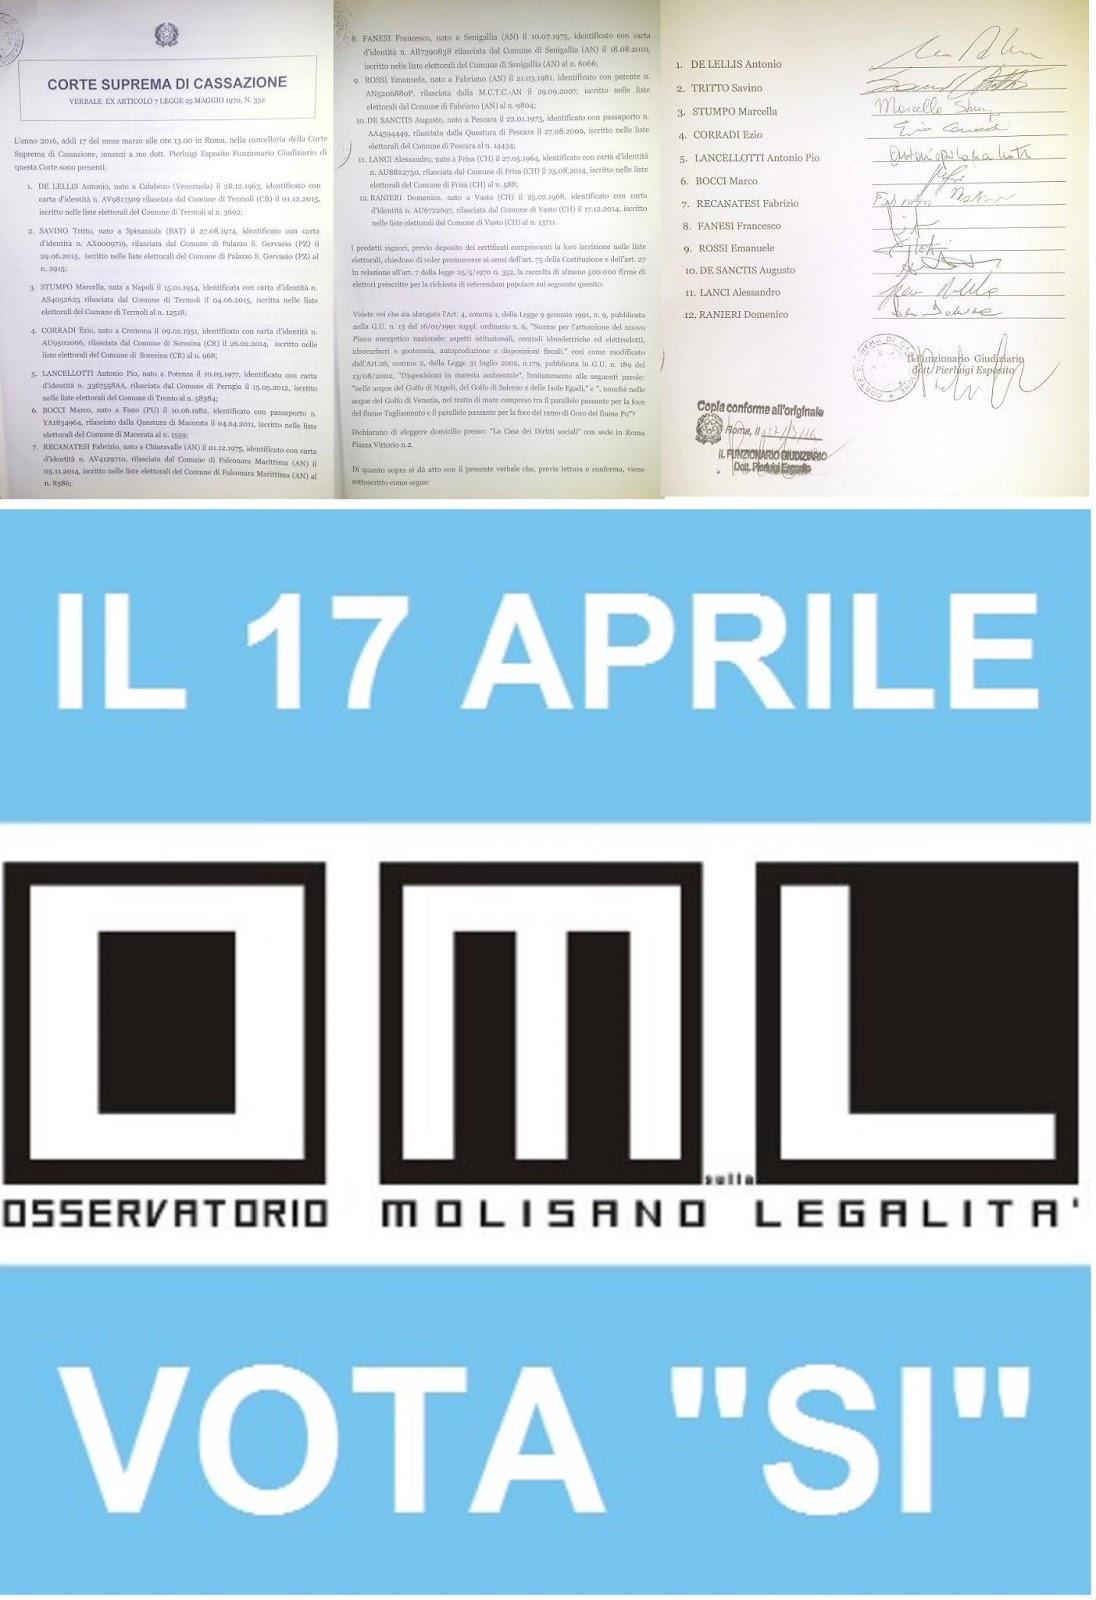 Osservatorio molisano sulla legalit referendum abrogativo 17 marzo ecco il testo depositato - Testo i giardini di marzo ...